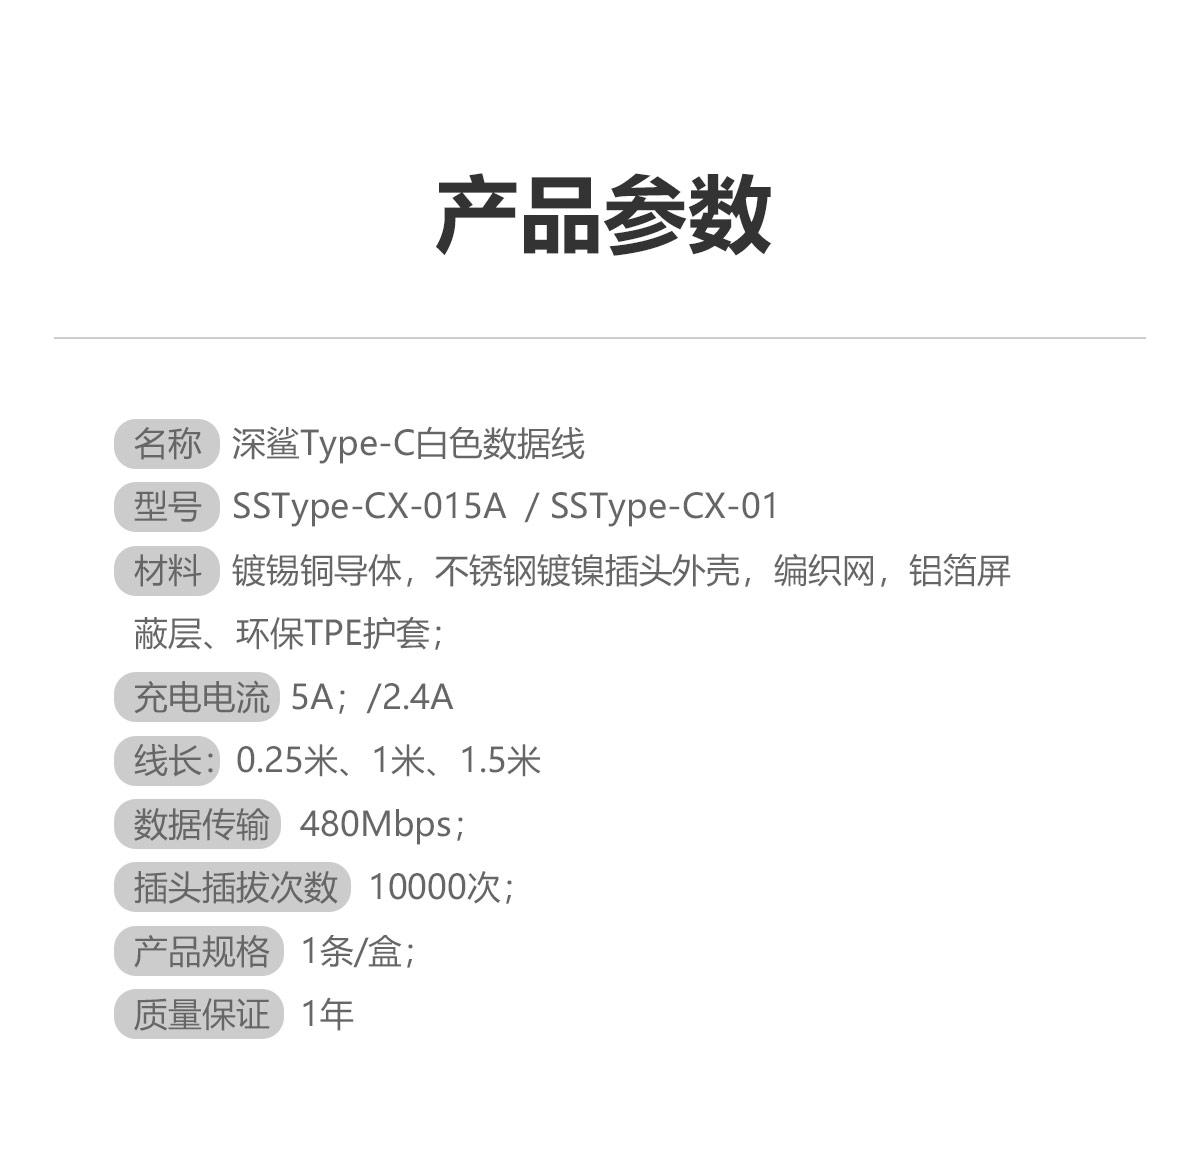 """""""1、材料:镀锡铜导体,不锈钢镀镍插头外壳,环保阻燃TPE护套; 2、额定电流:2.4A 5A; 3、数据传输:480Mbps; 4、插头插拔次数:10000次; 5、产品规格:1条/盒; 6、质量保证:1年。 """""""